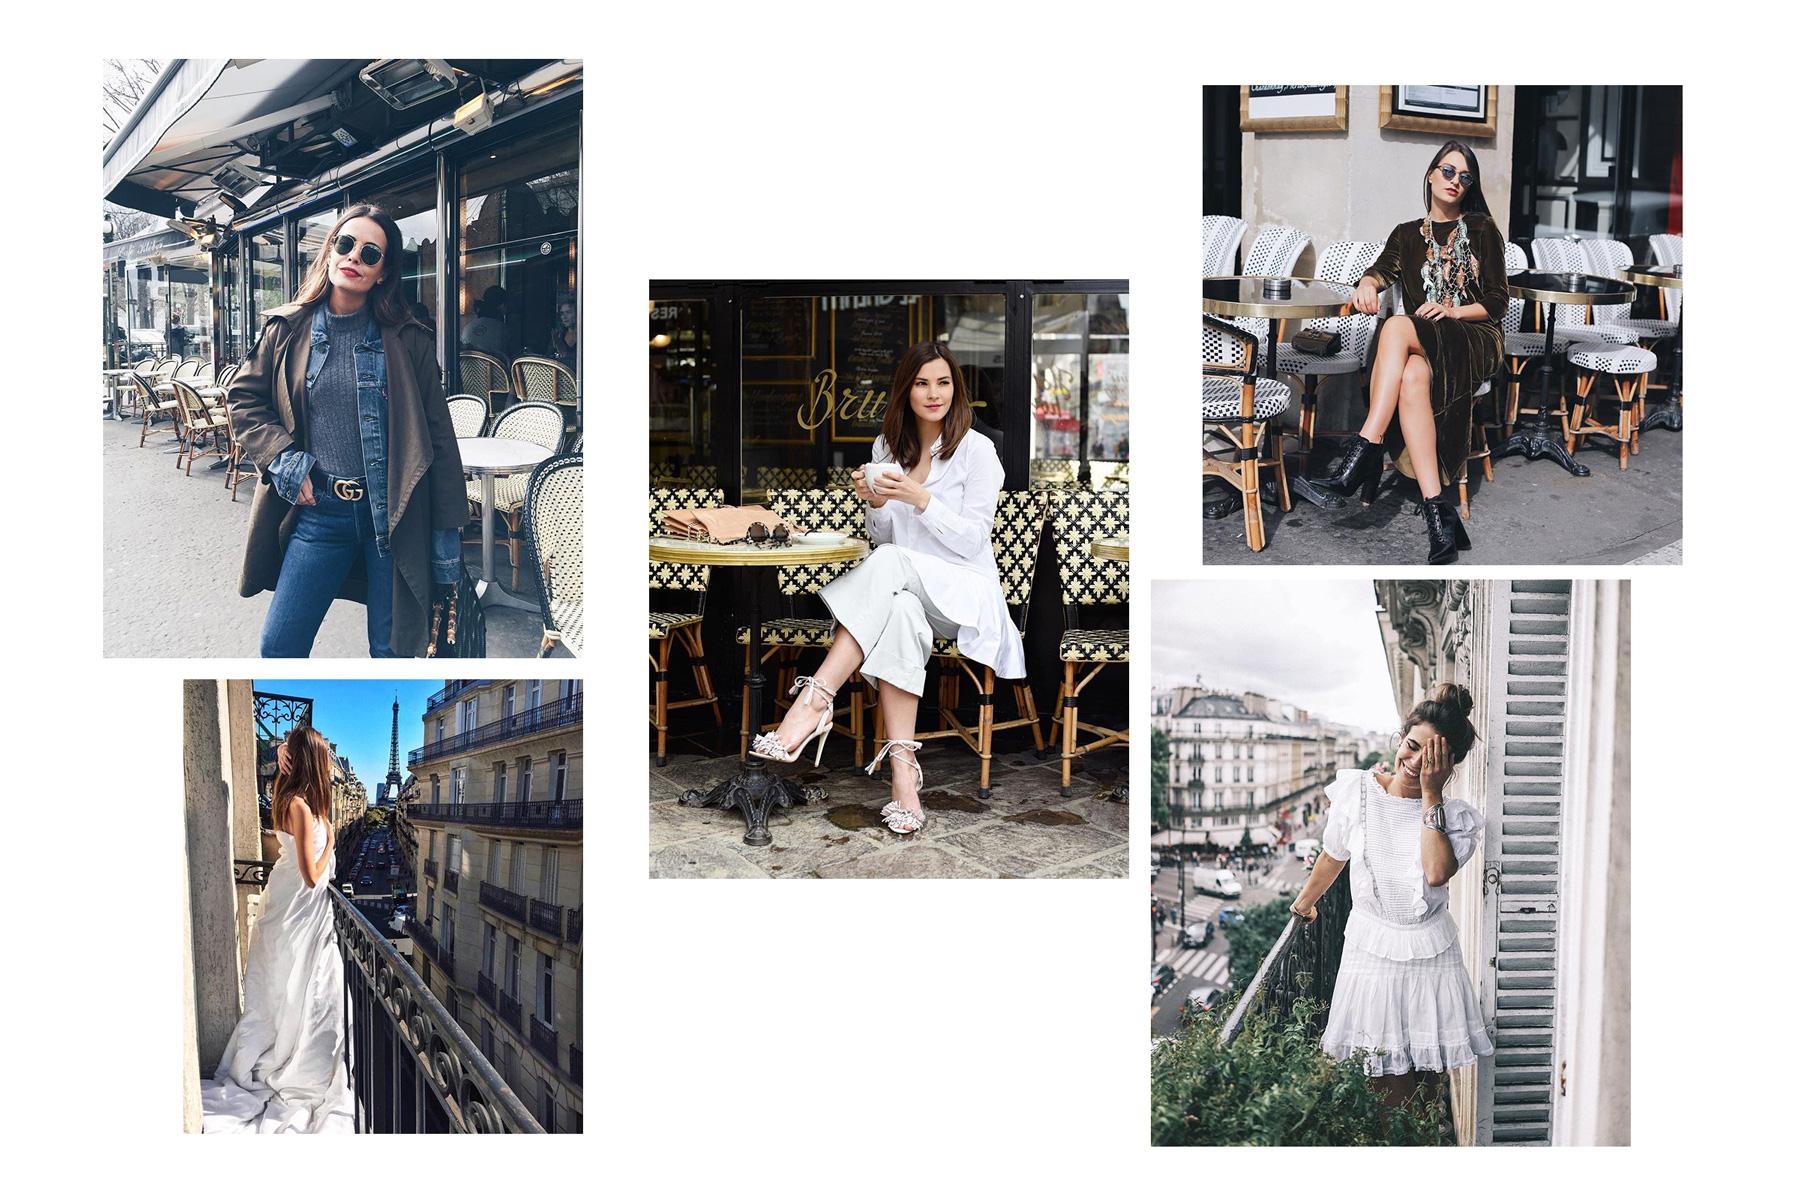 fashion_best_instagram_spots_paris_blogger_guide_04